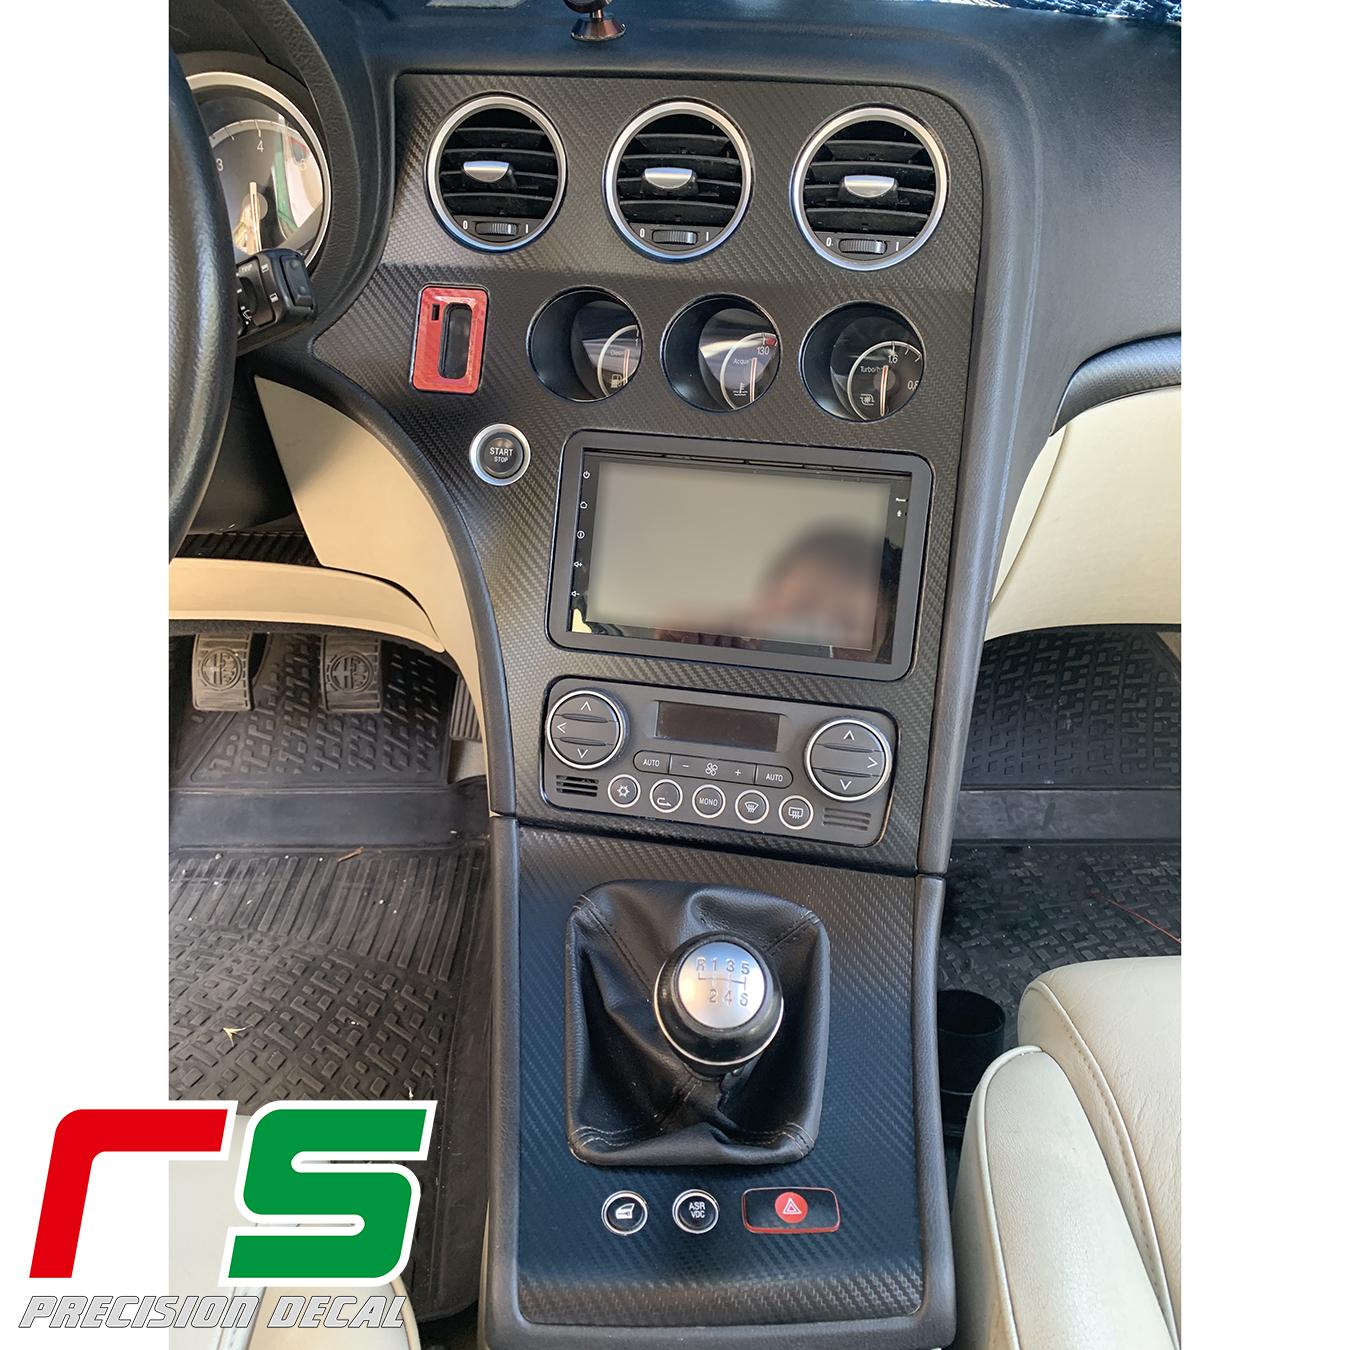 Alfa Romeo 159 Aufkleber Mittelkonsolenabdeckung Wechselrahmen